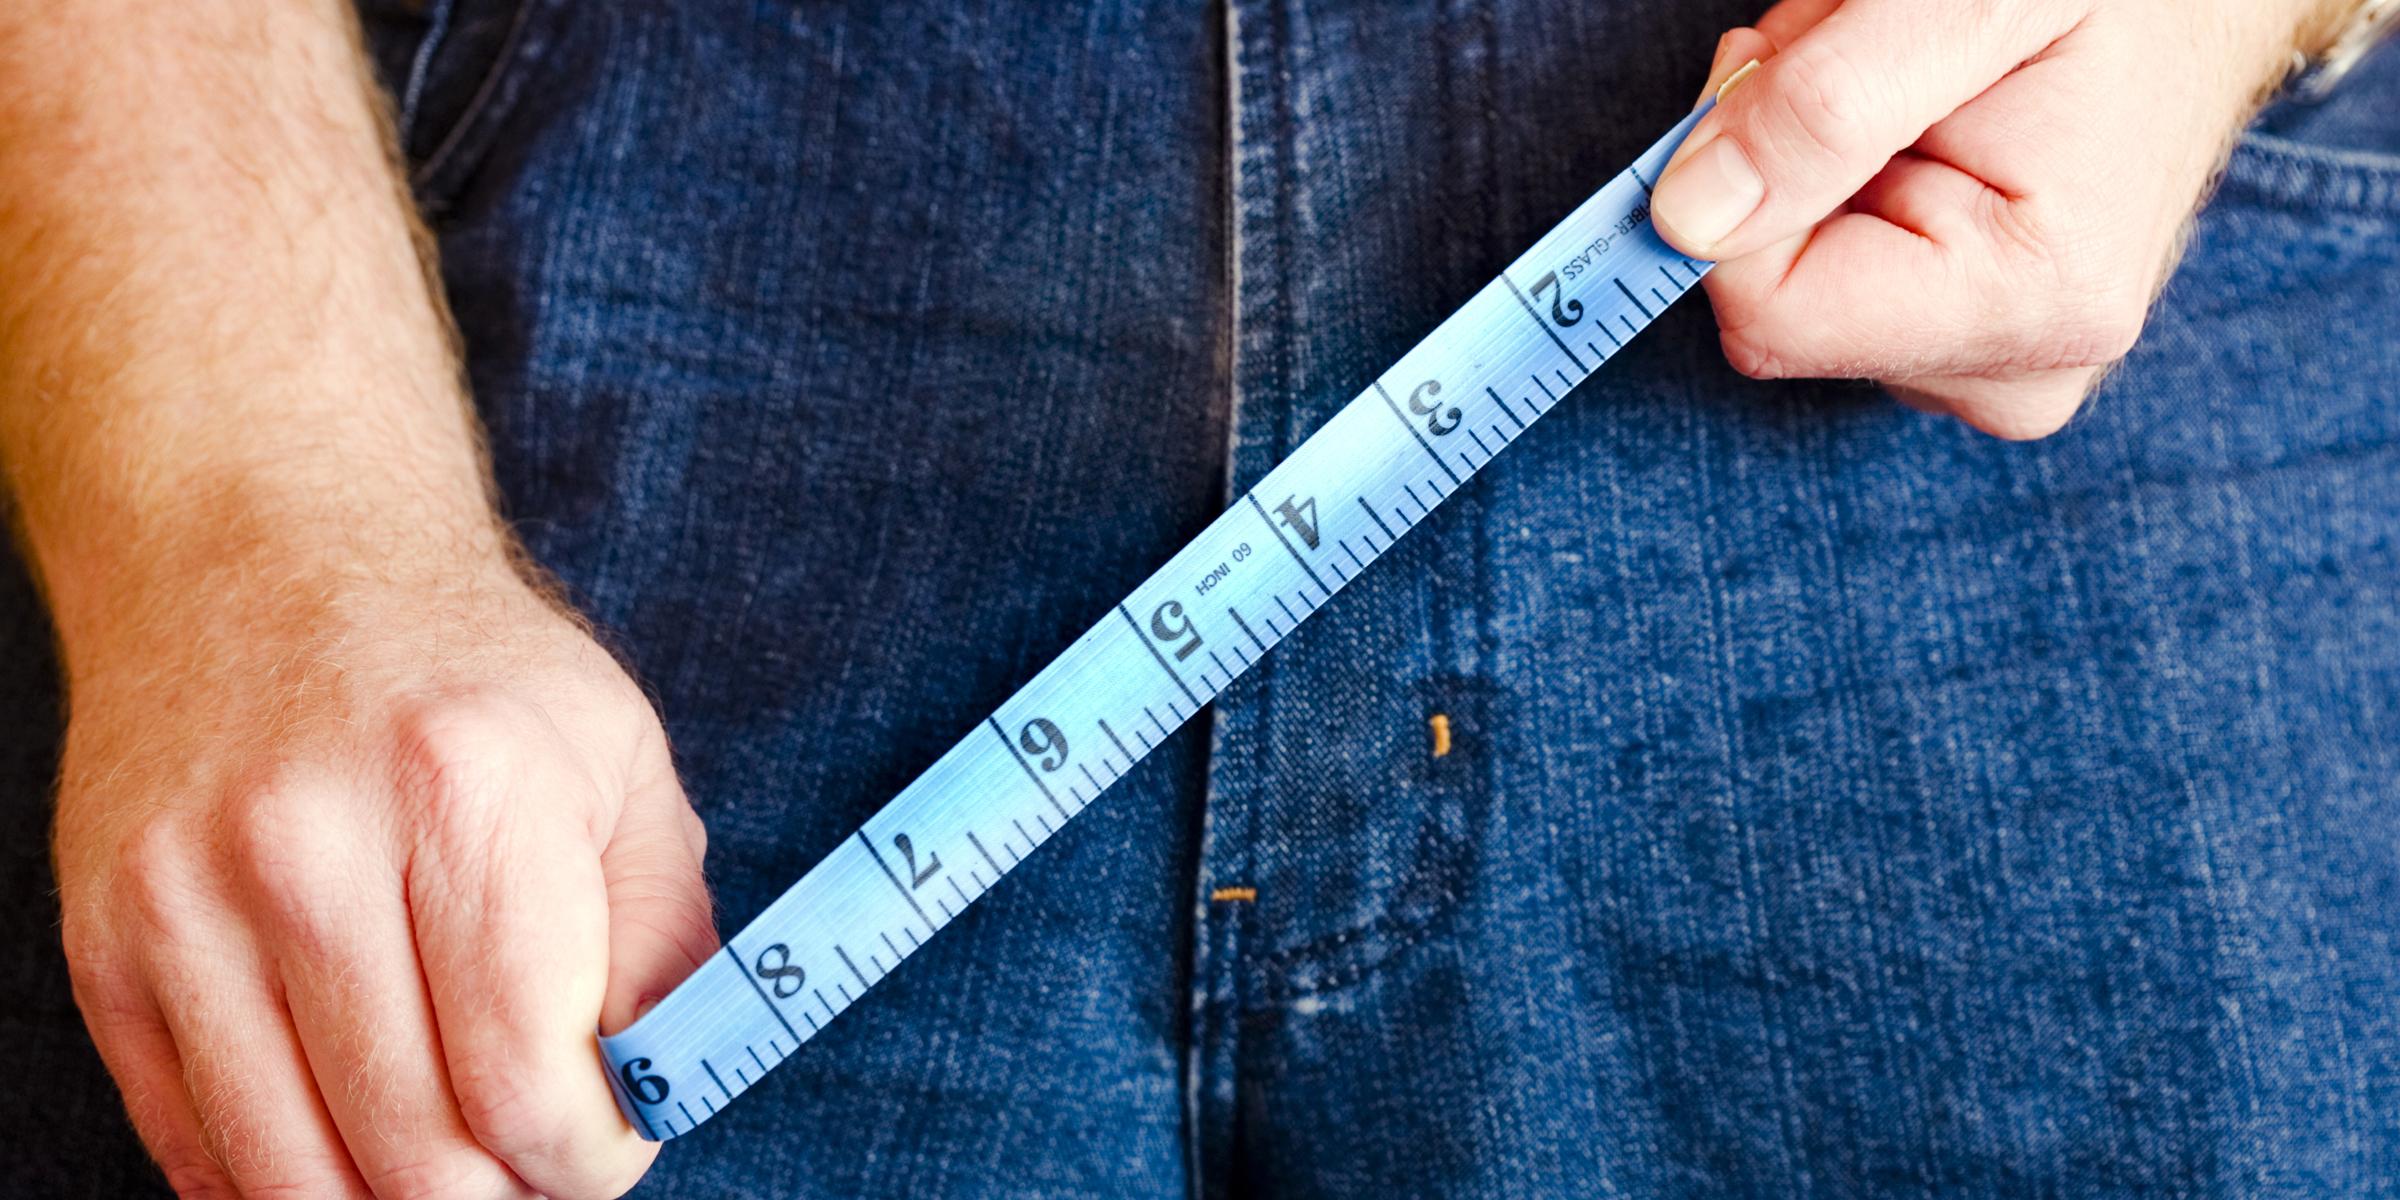 hímvessző kövér férfiaknál)